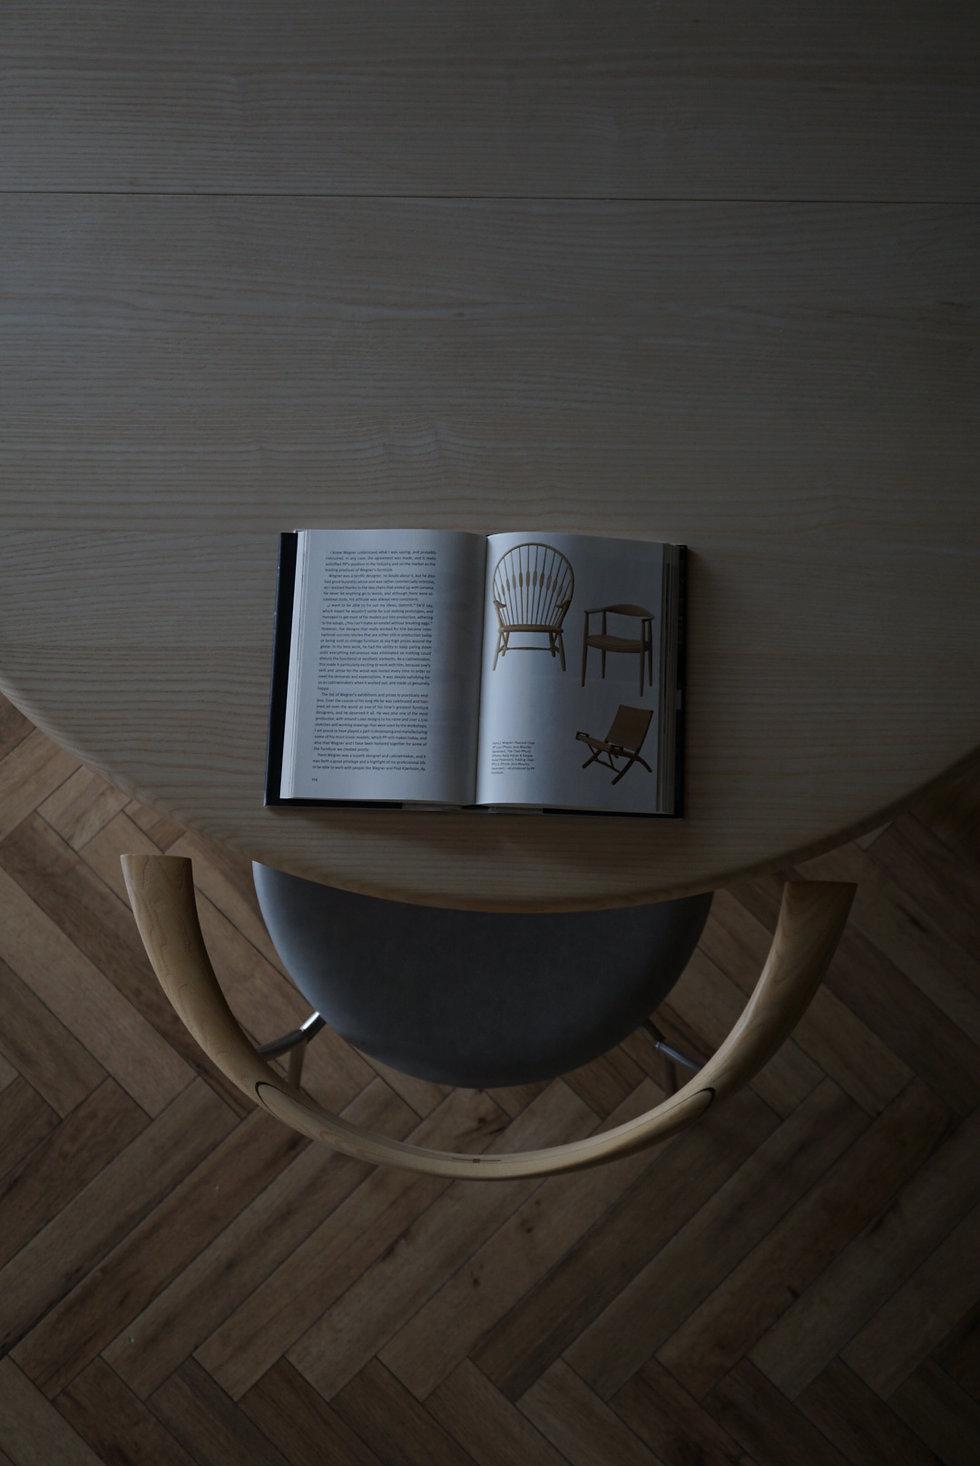 北欧の名作チェア、Hans J. Wegnerが自邸のためにデザインしたPP Mobler社のPP701ミニマルダイニングチェア。